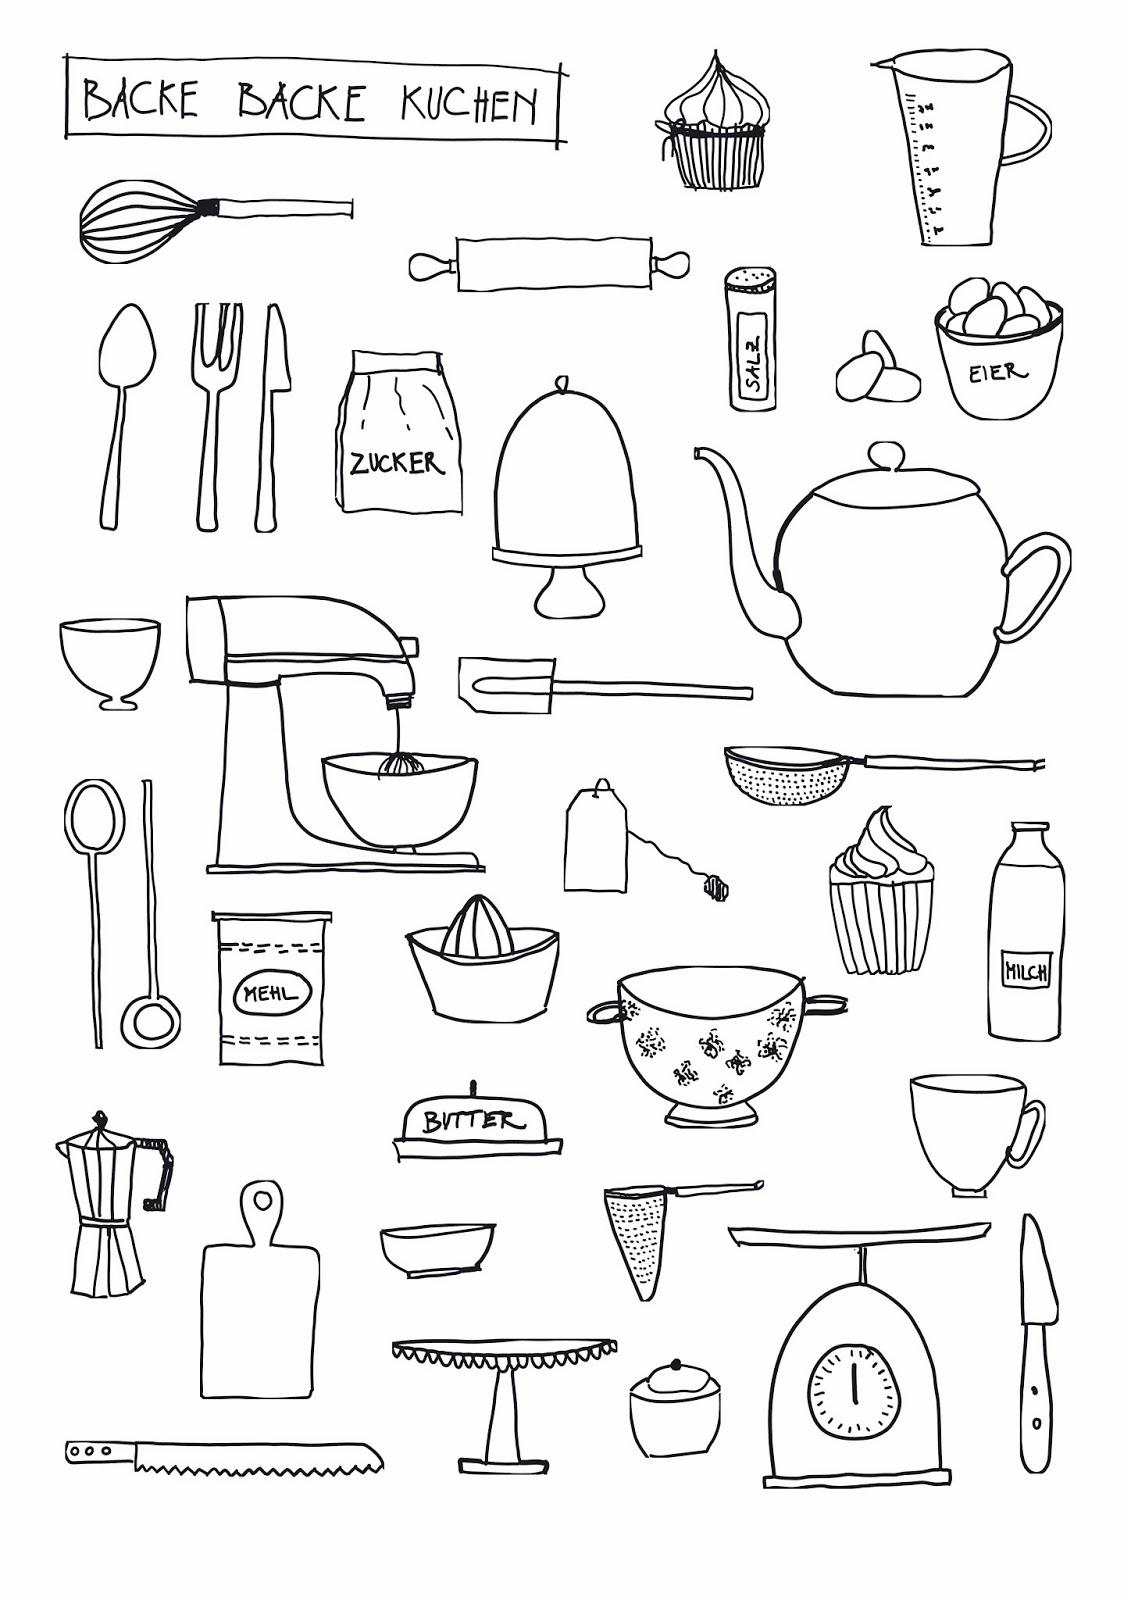 Schön Küchenutensilien Namen Fotos - Ideen Für Die Küche Dekoration ...